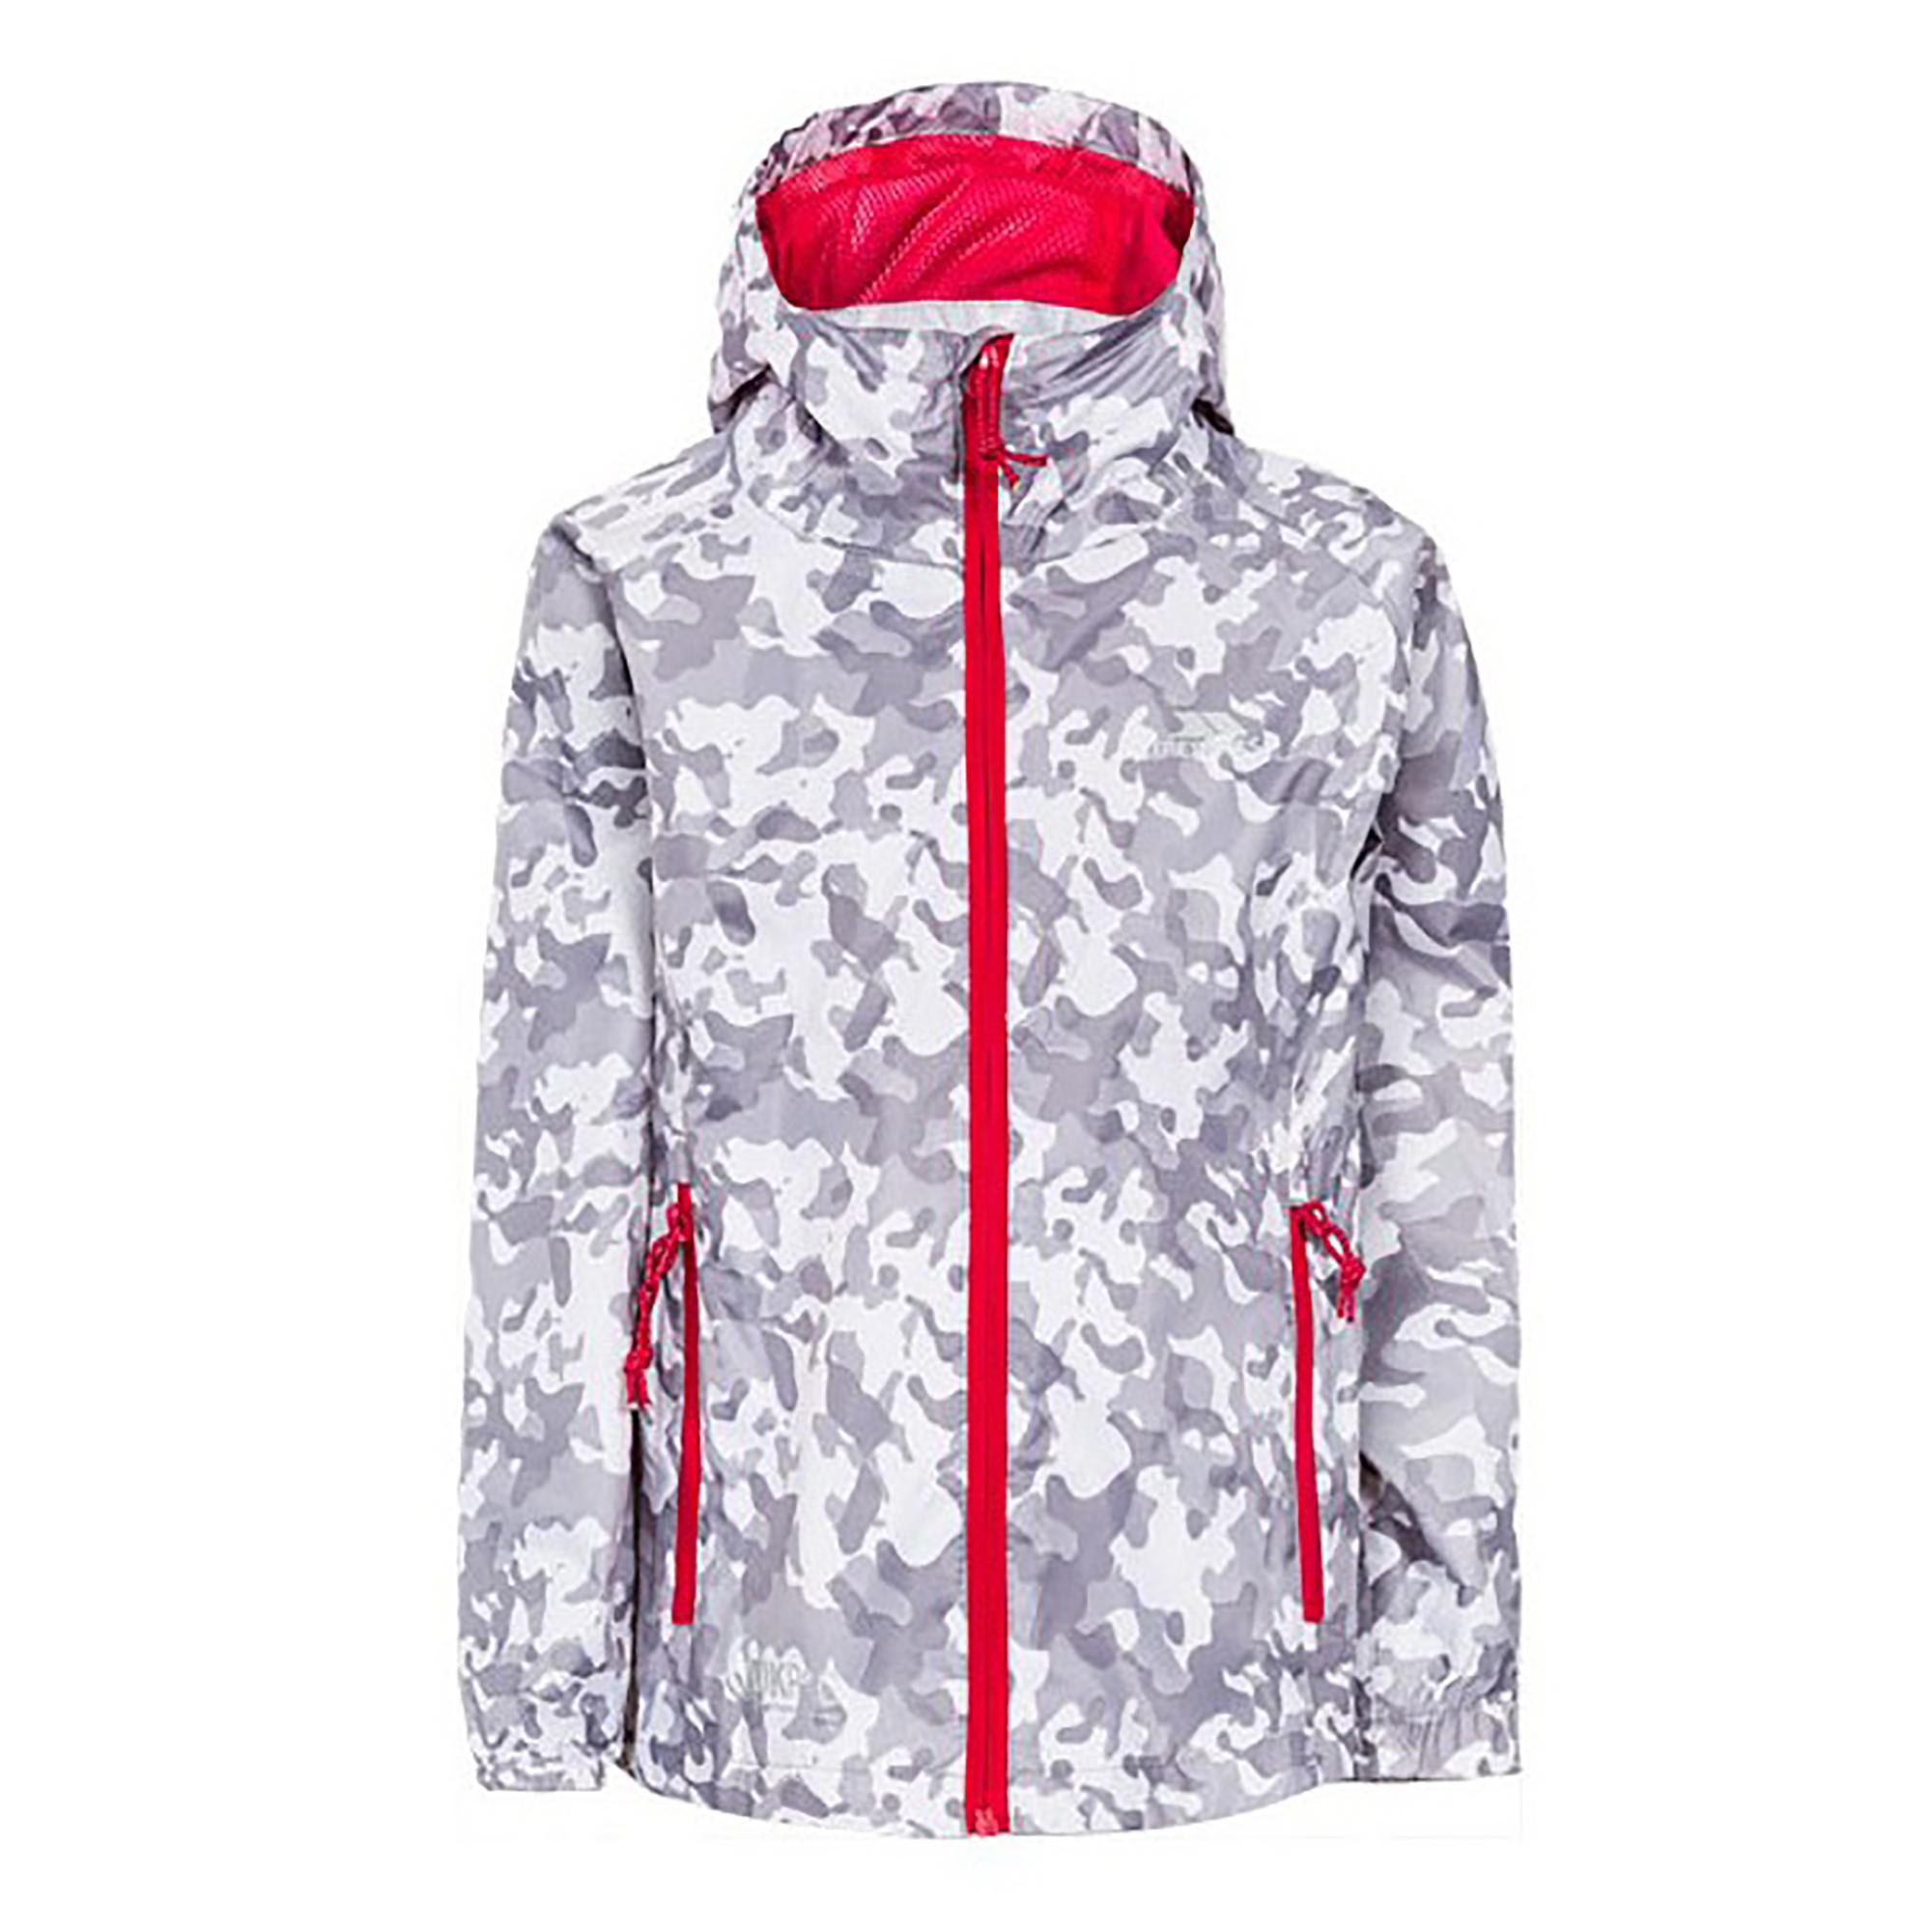 Trespass Childrens/Kids Qikpac Waterproof Packaway Printed Jacket (5-6 Years) (White Camo)